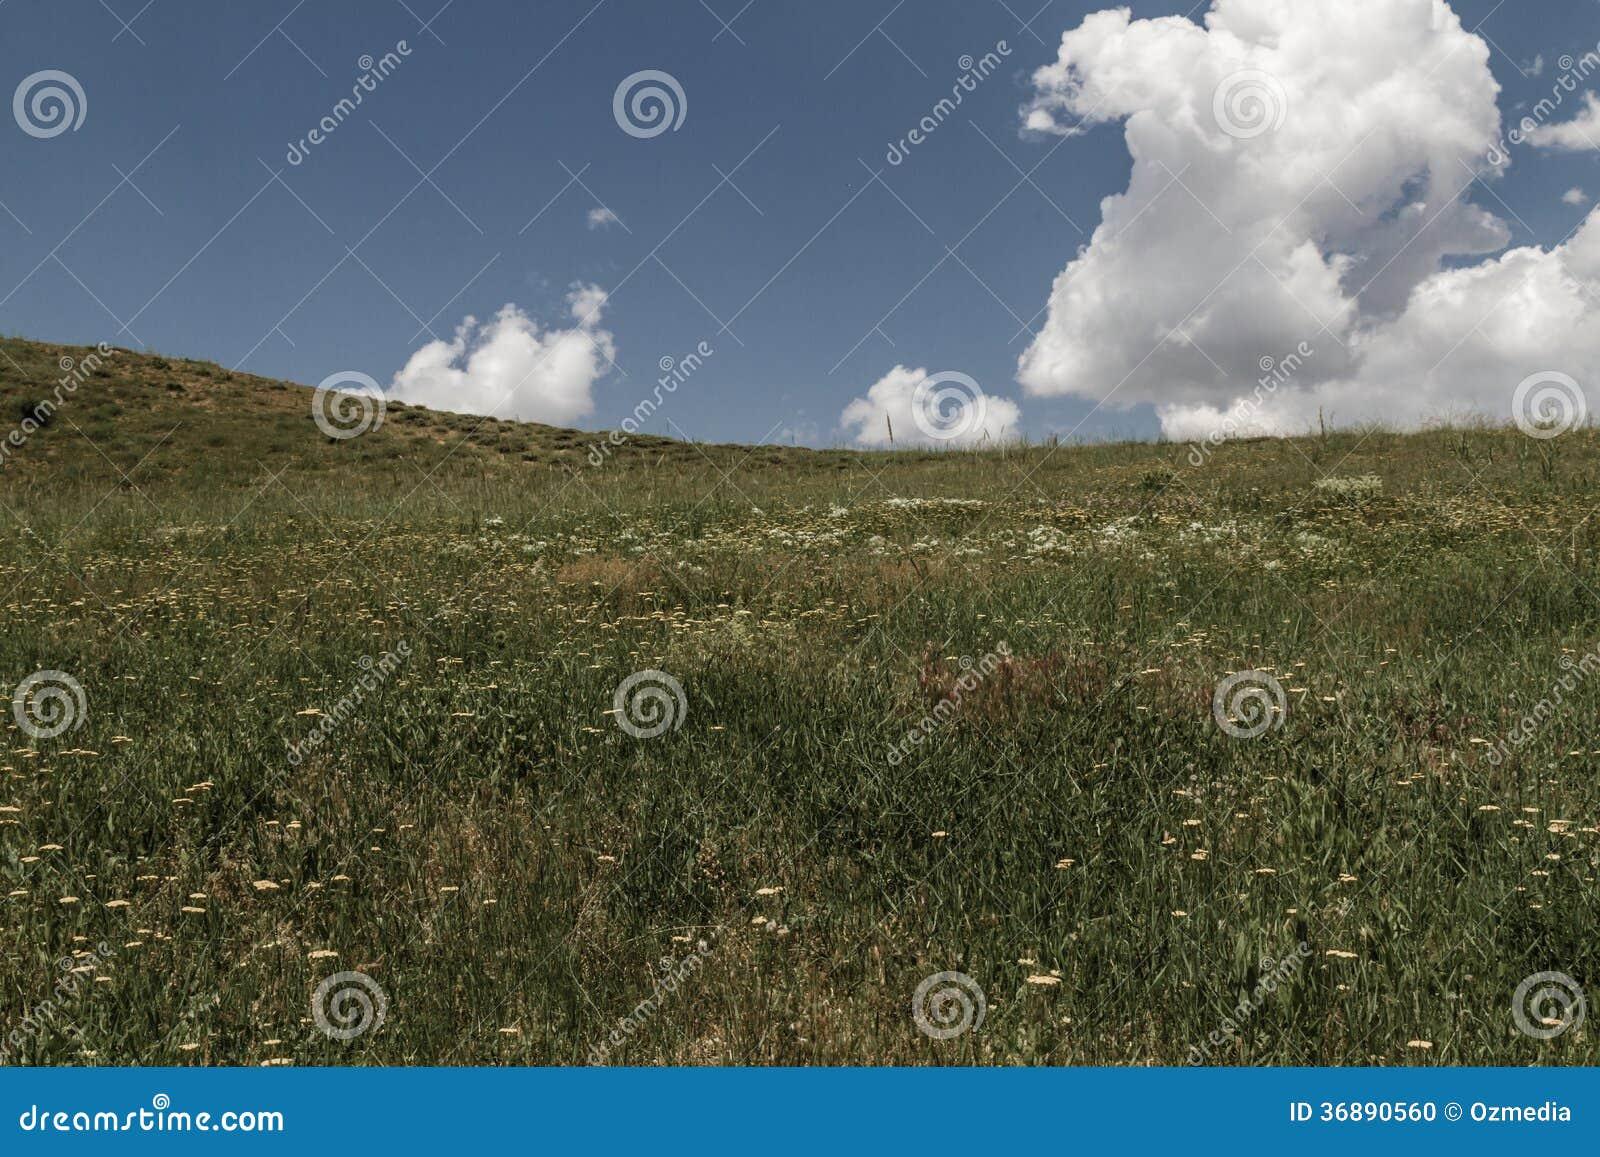 Download Cielo in un campo rurale fotografia stock. Immagine di prato - 36890560